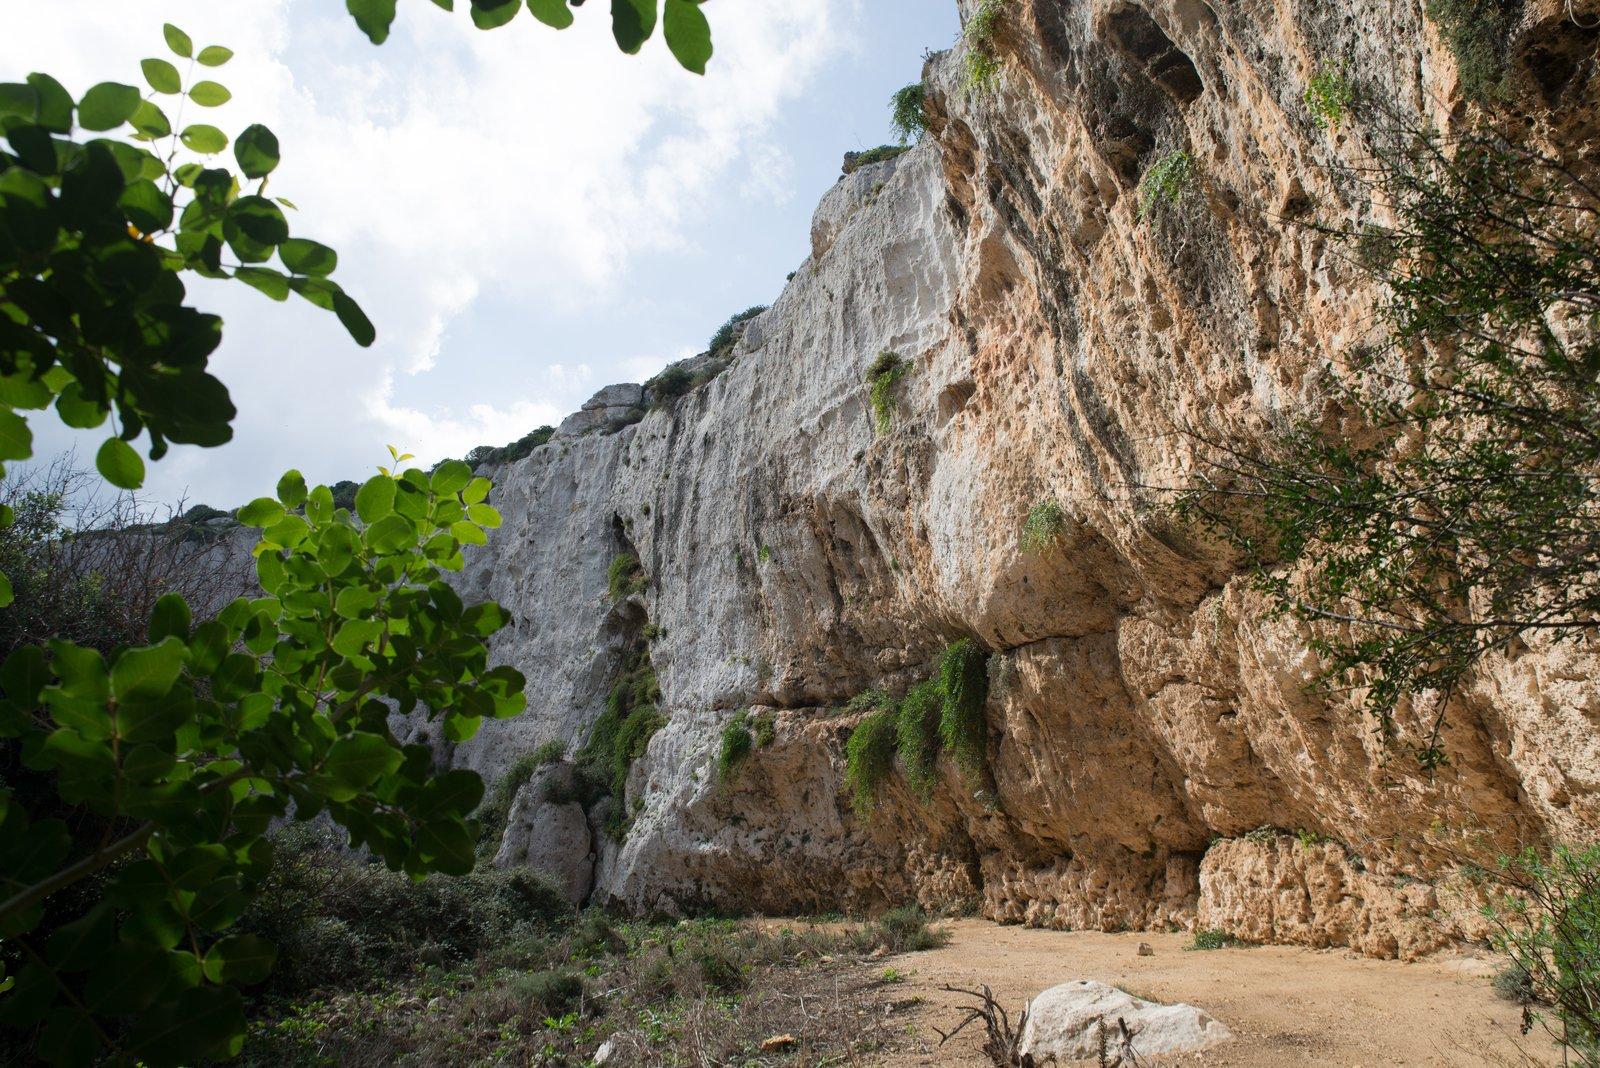 Falaise, île de Gozo, Malte Mġarr ix-Xini